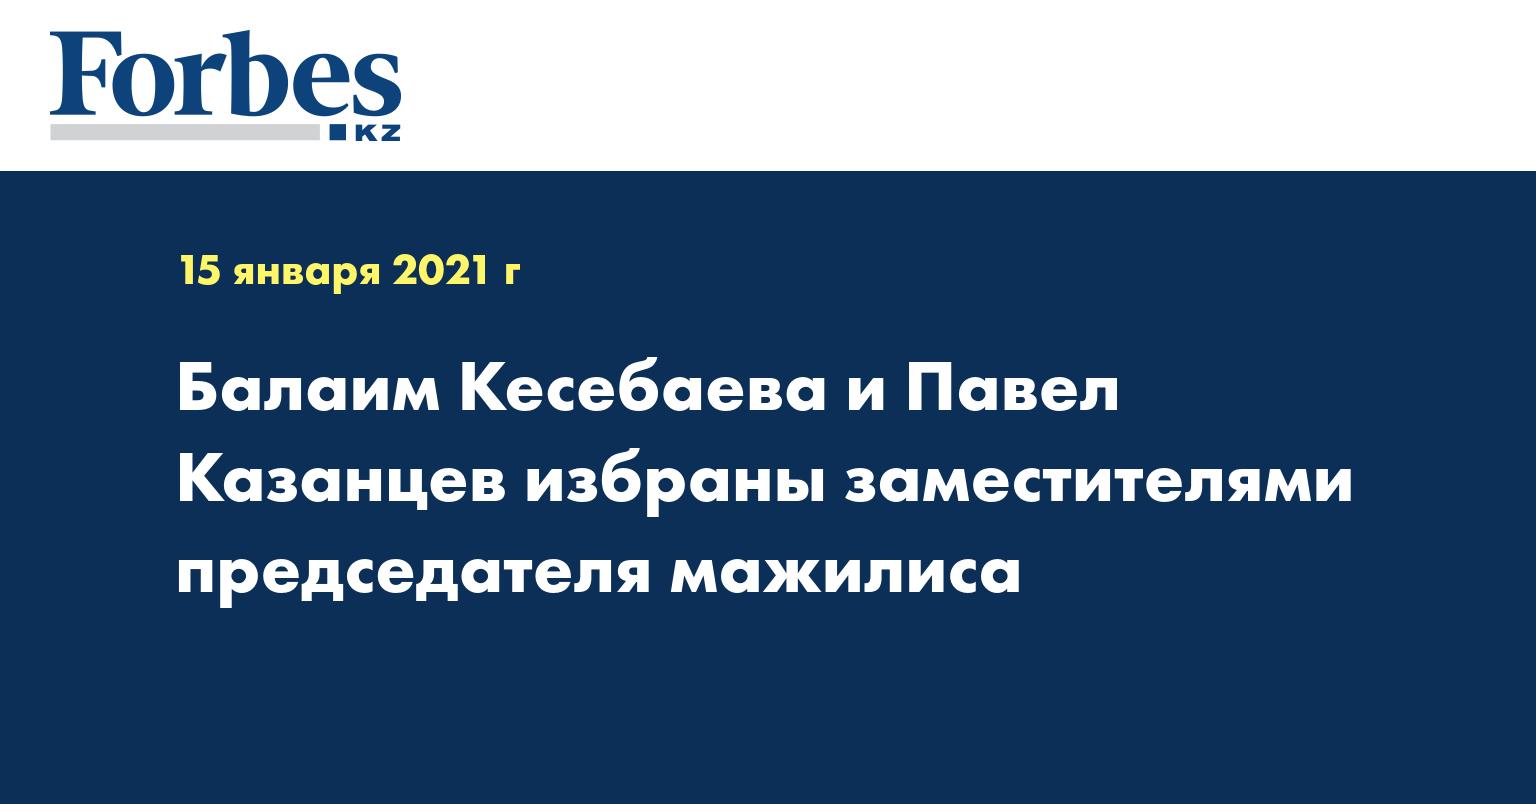 Балаим Кесебаева и Павел Казанцев избраны заместителями председателя Мажилиса